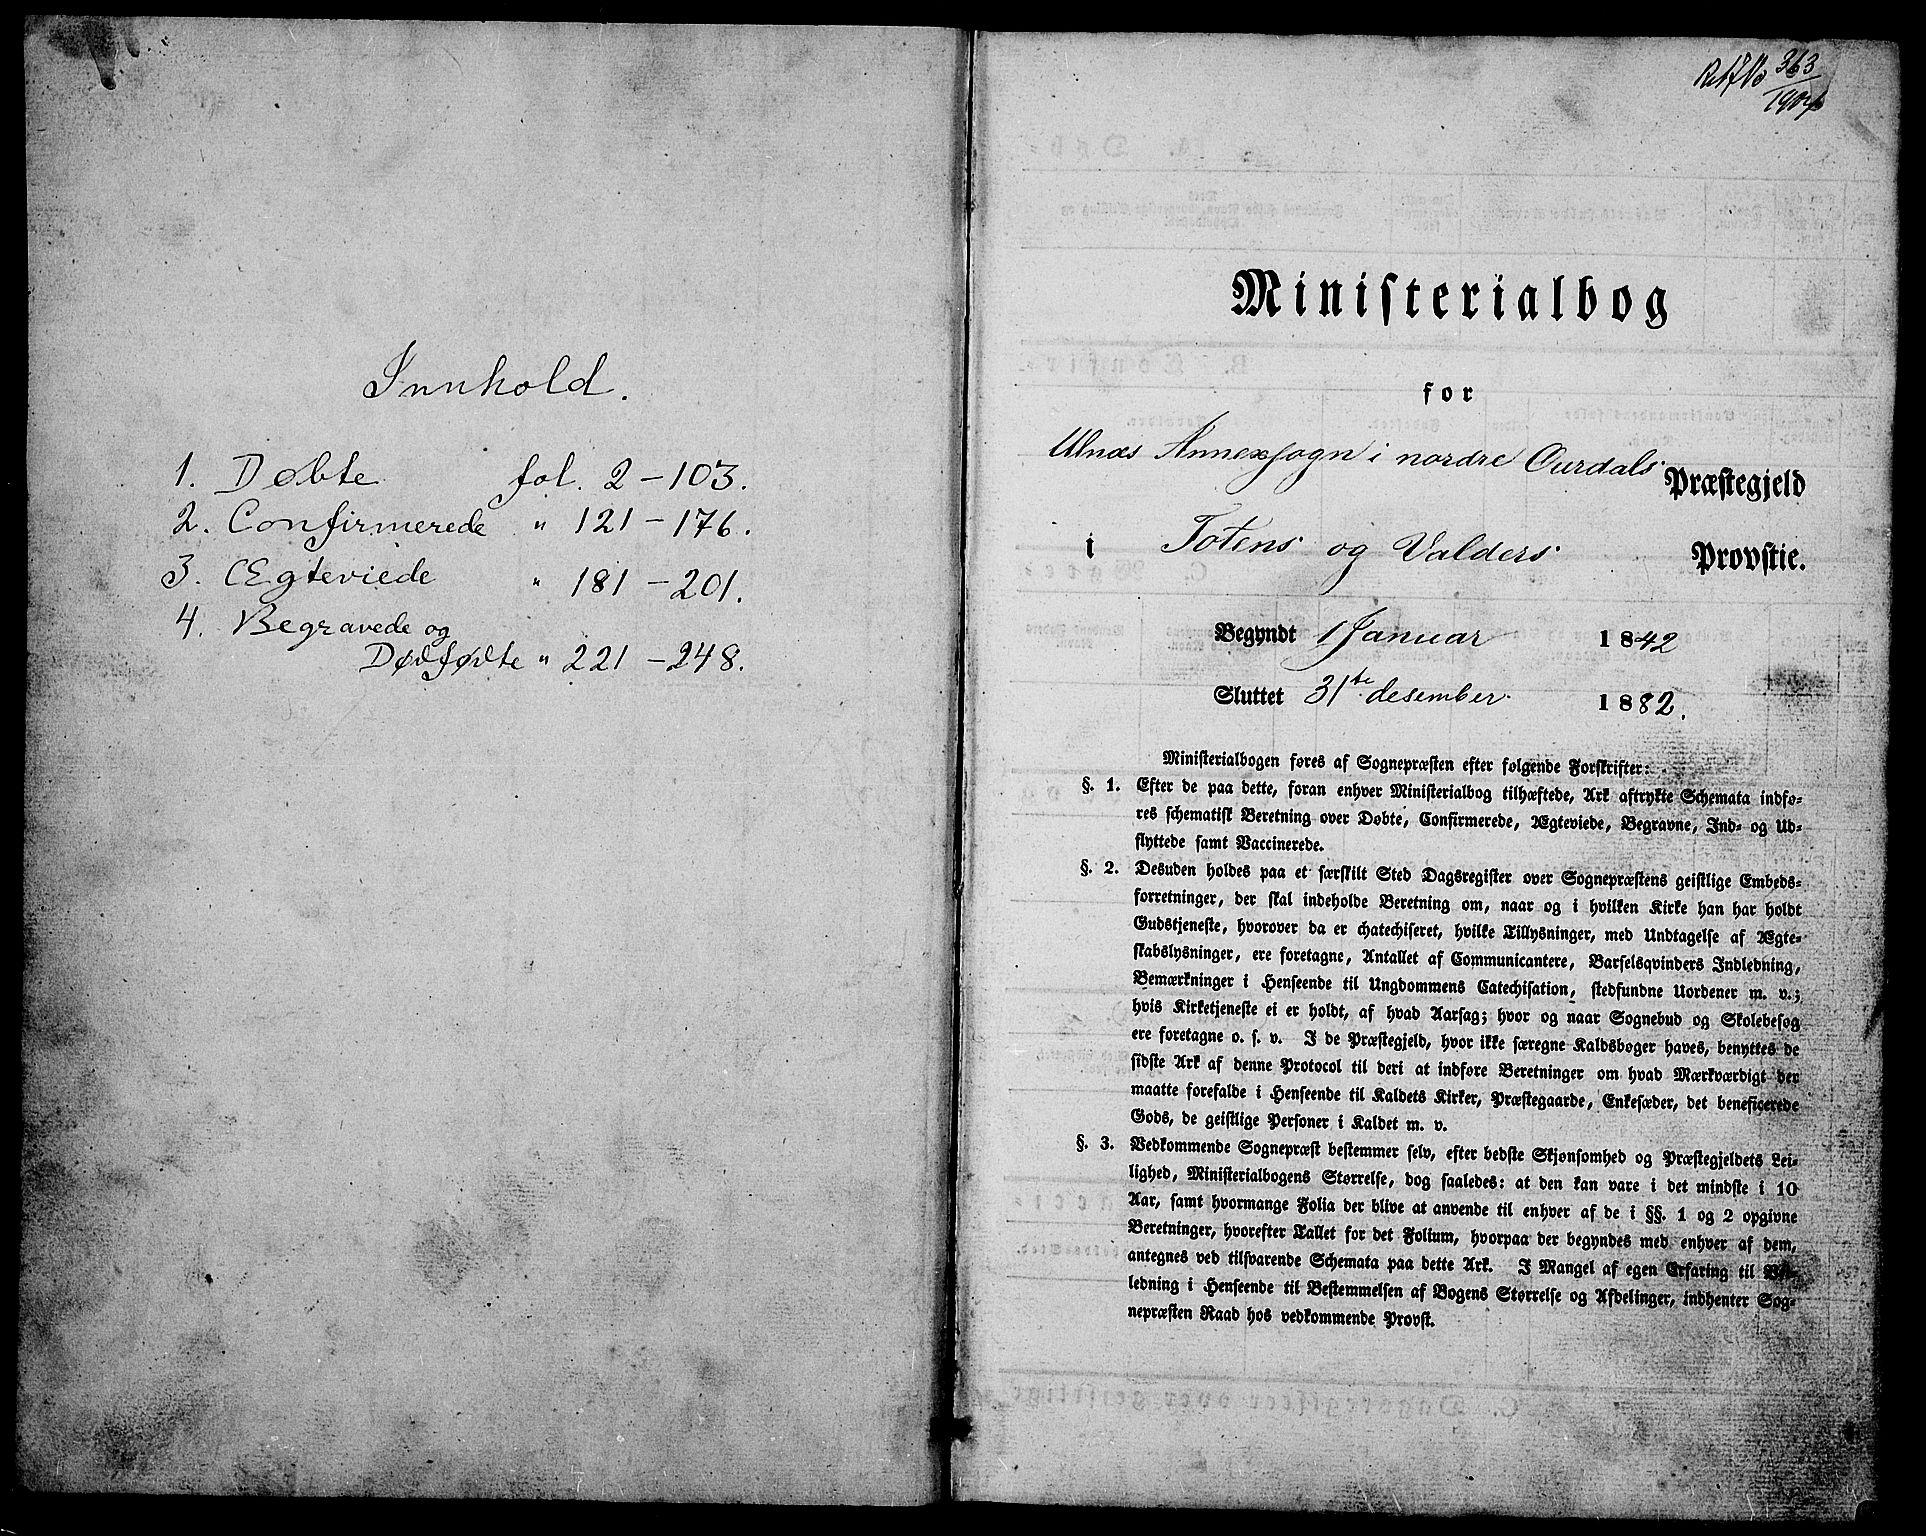 SAH, Nord-Aurdal prestekontor, Klokkerbok nr. 4, 1842-1882